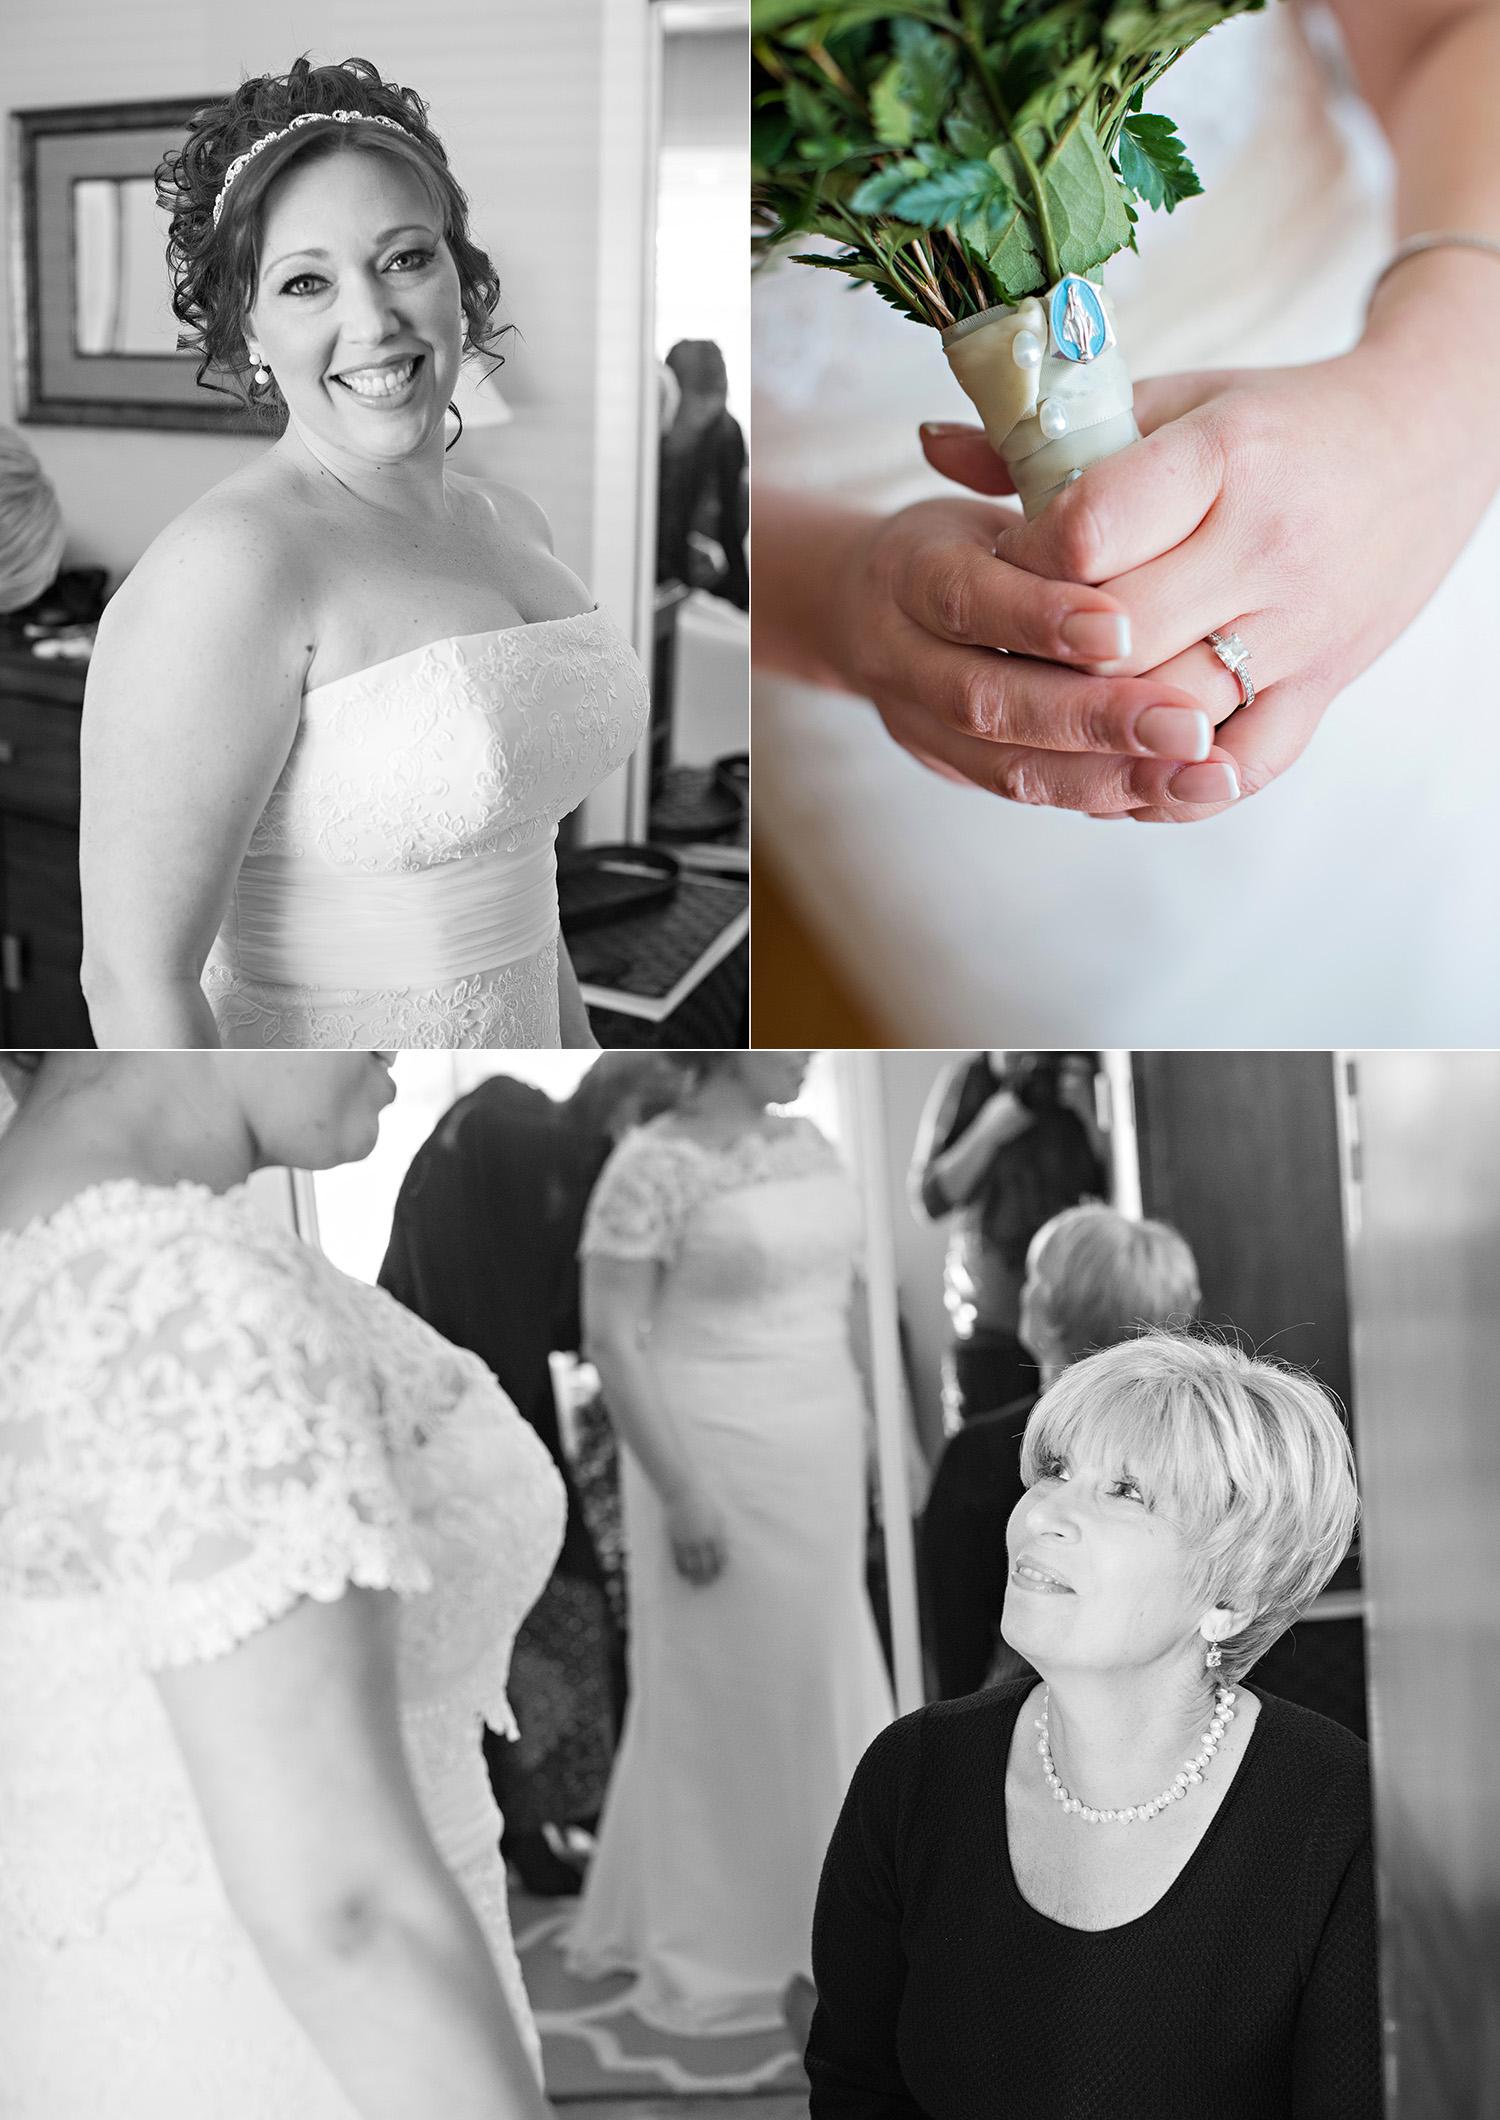 01_SRS_Photography_Sara_Stadtmiller_Asbury_Park_Wedding_Photography_NJ_Wedding_Photographer_Monmouth_County_Wedding_Photographer_Home_Wedding_DIY_Wedding